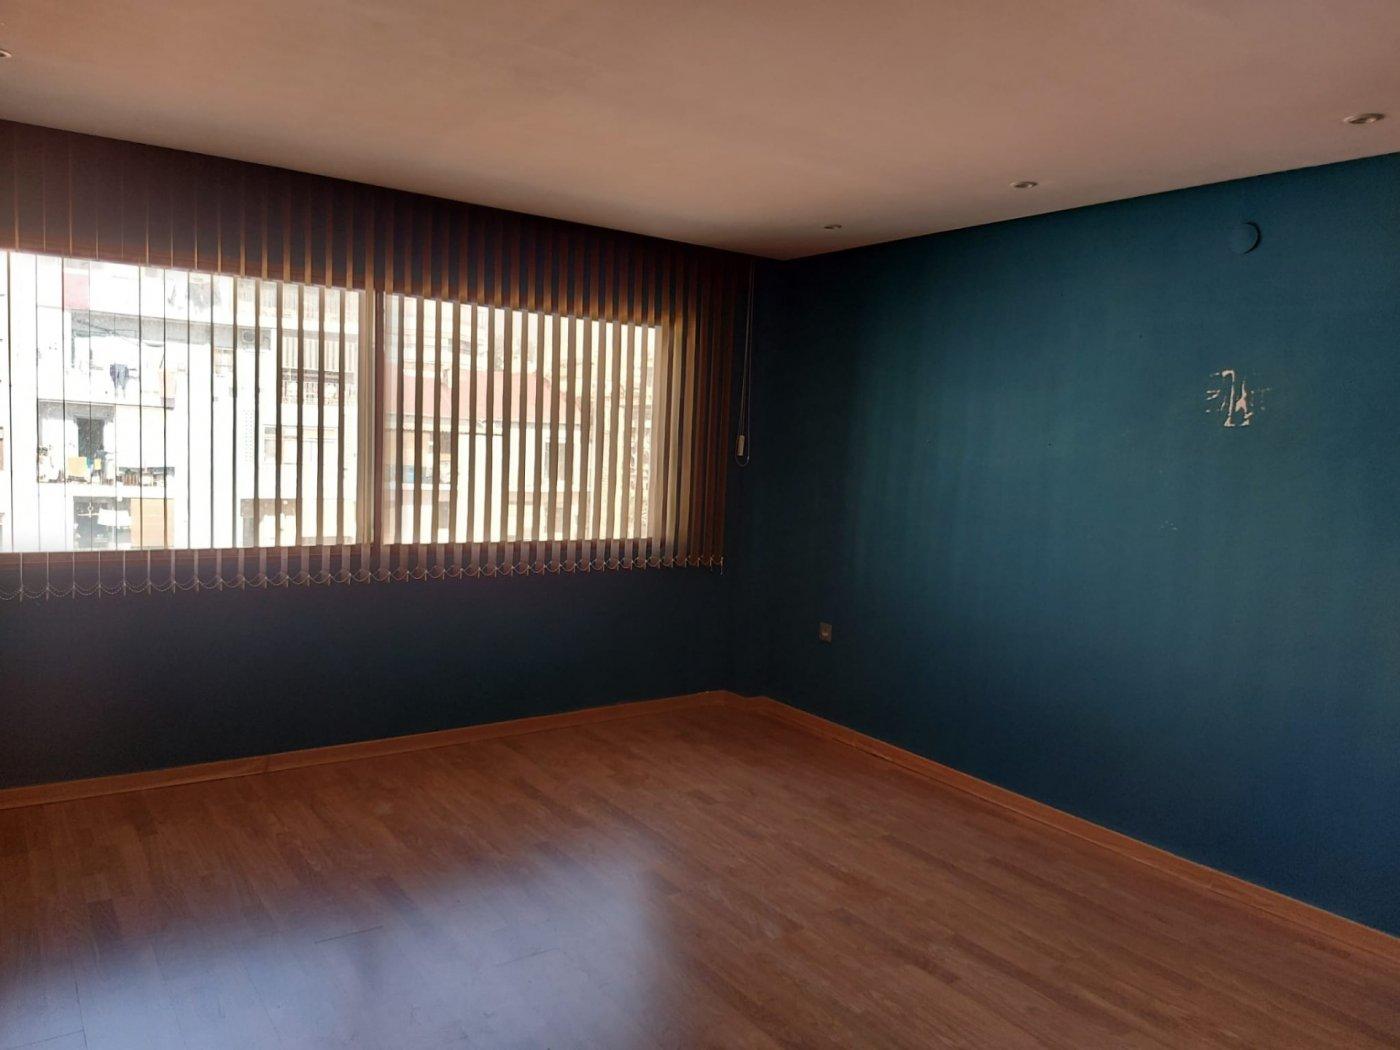 Oficina en venta o alquiler en el centro de alicante - imagenInmueble4